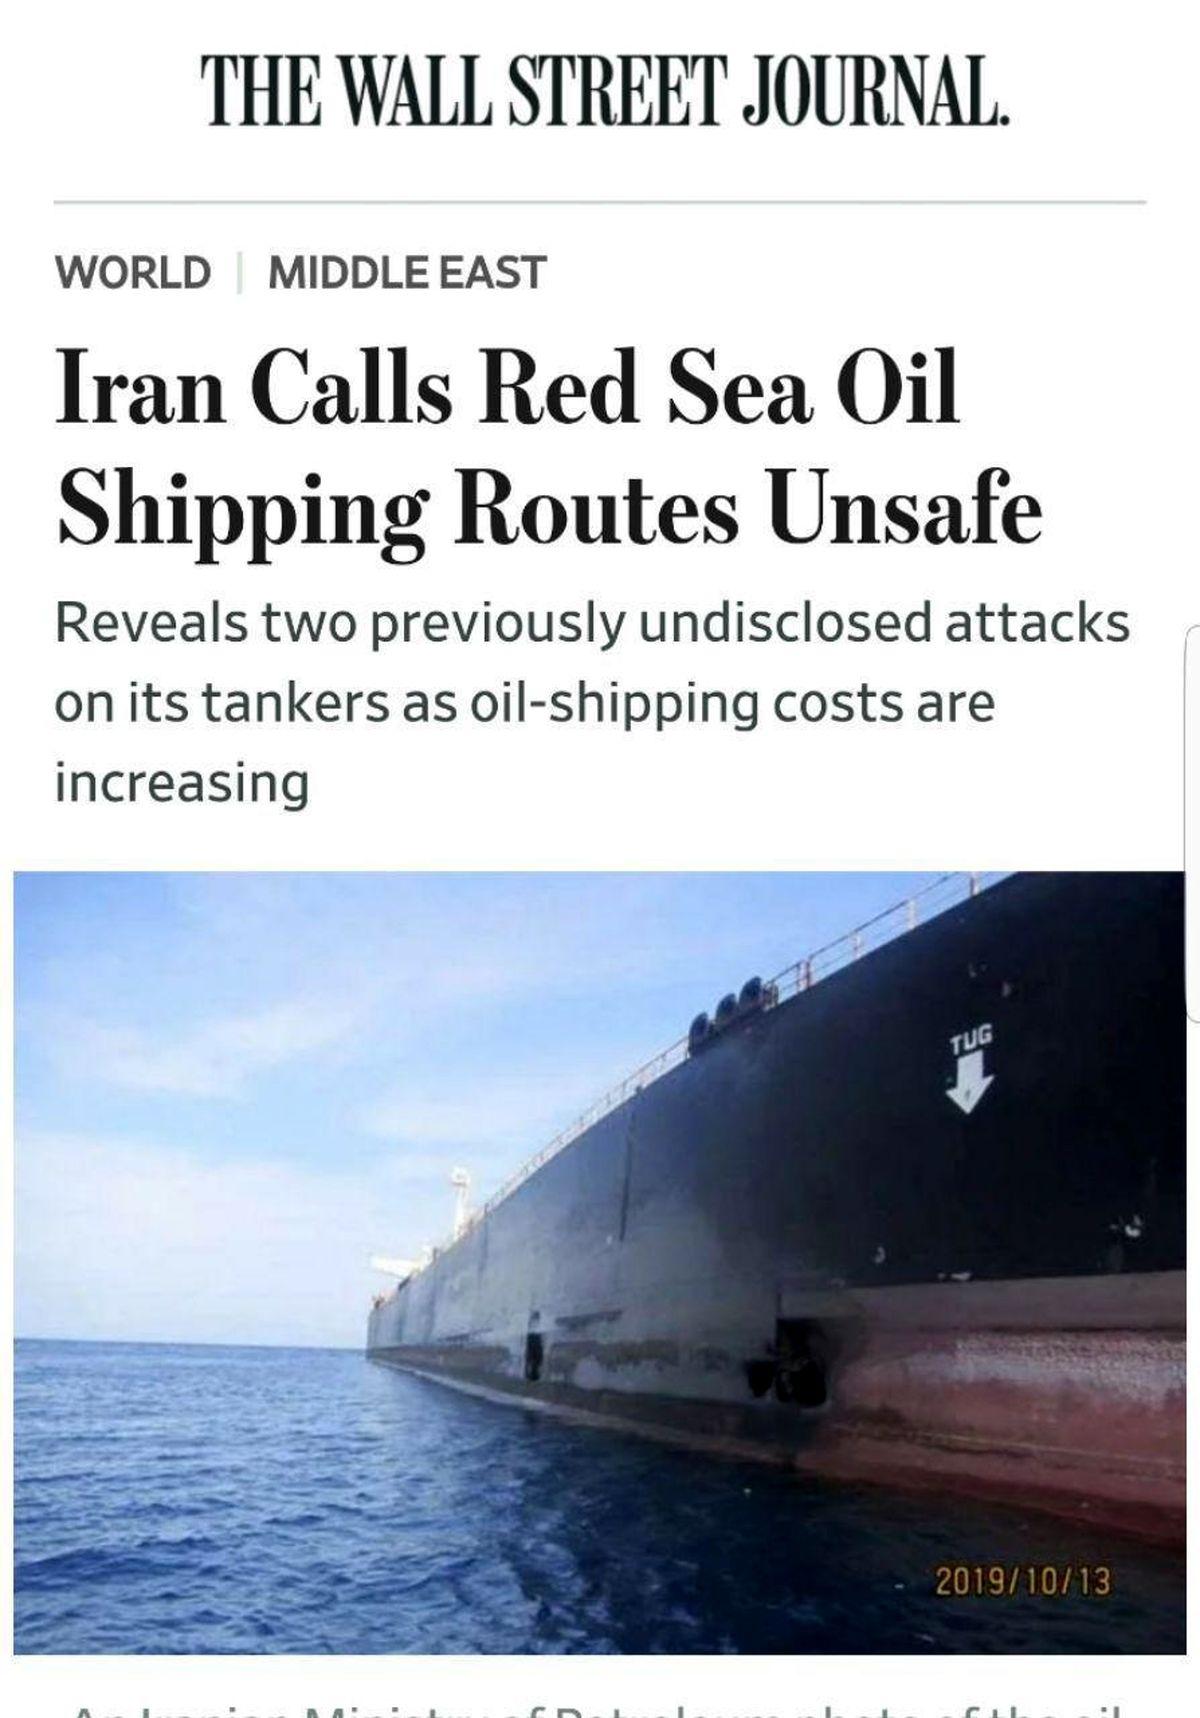 ایران مسیرهای حمل و نقل نفتی دریای سرخ را ناامن میداند